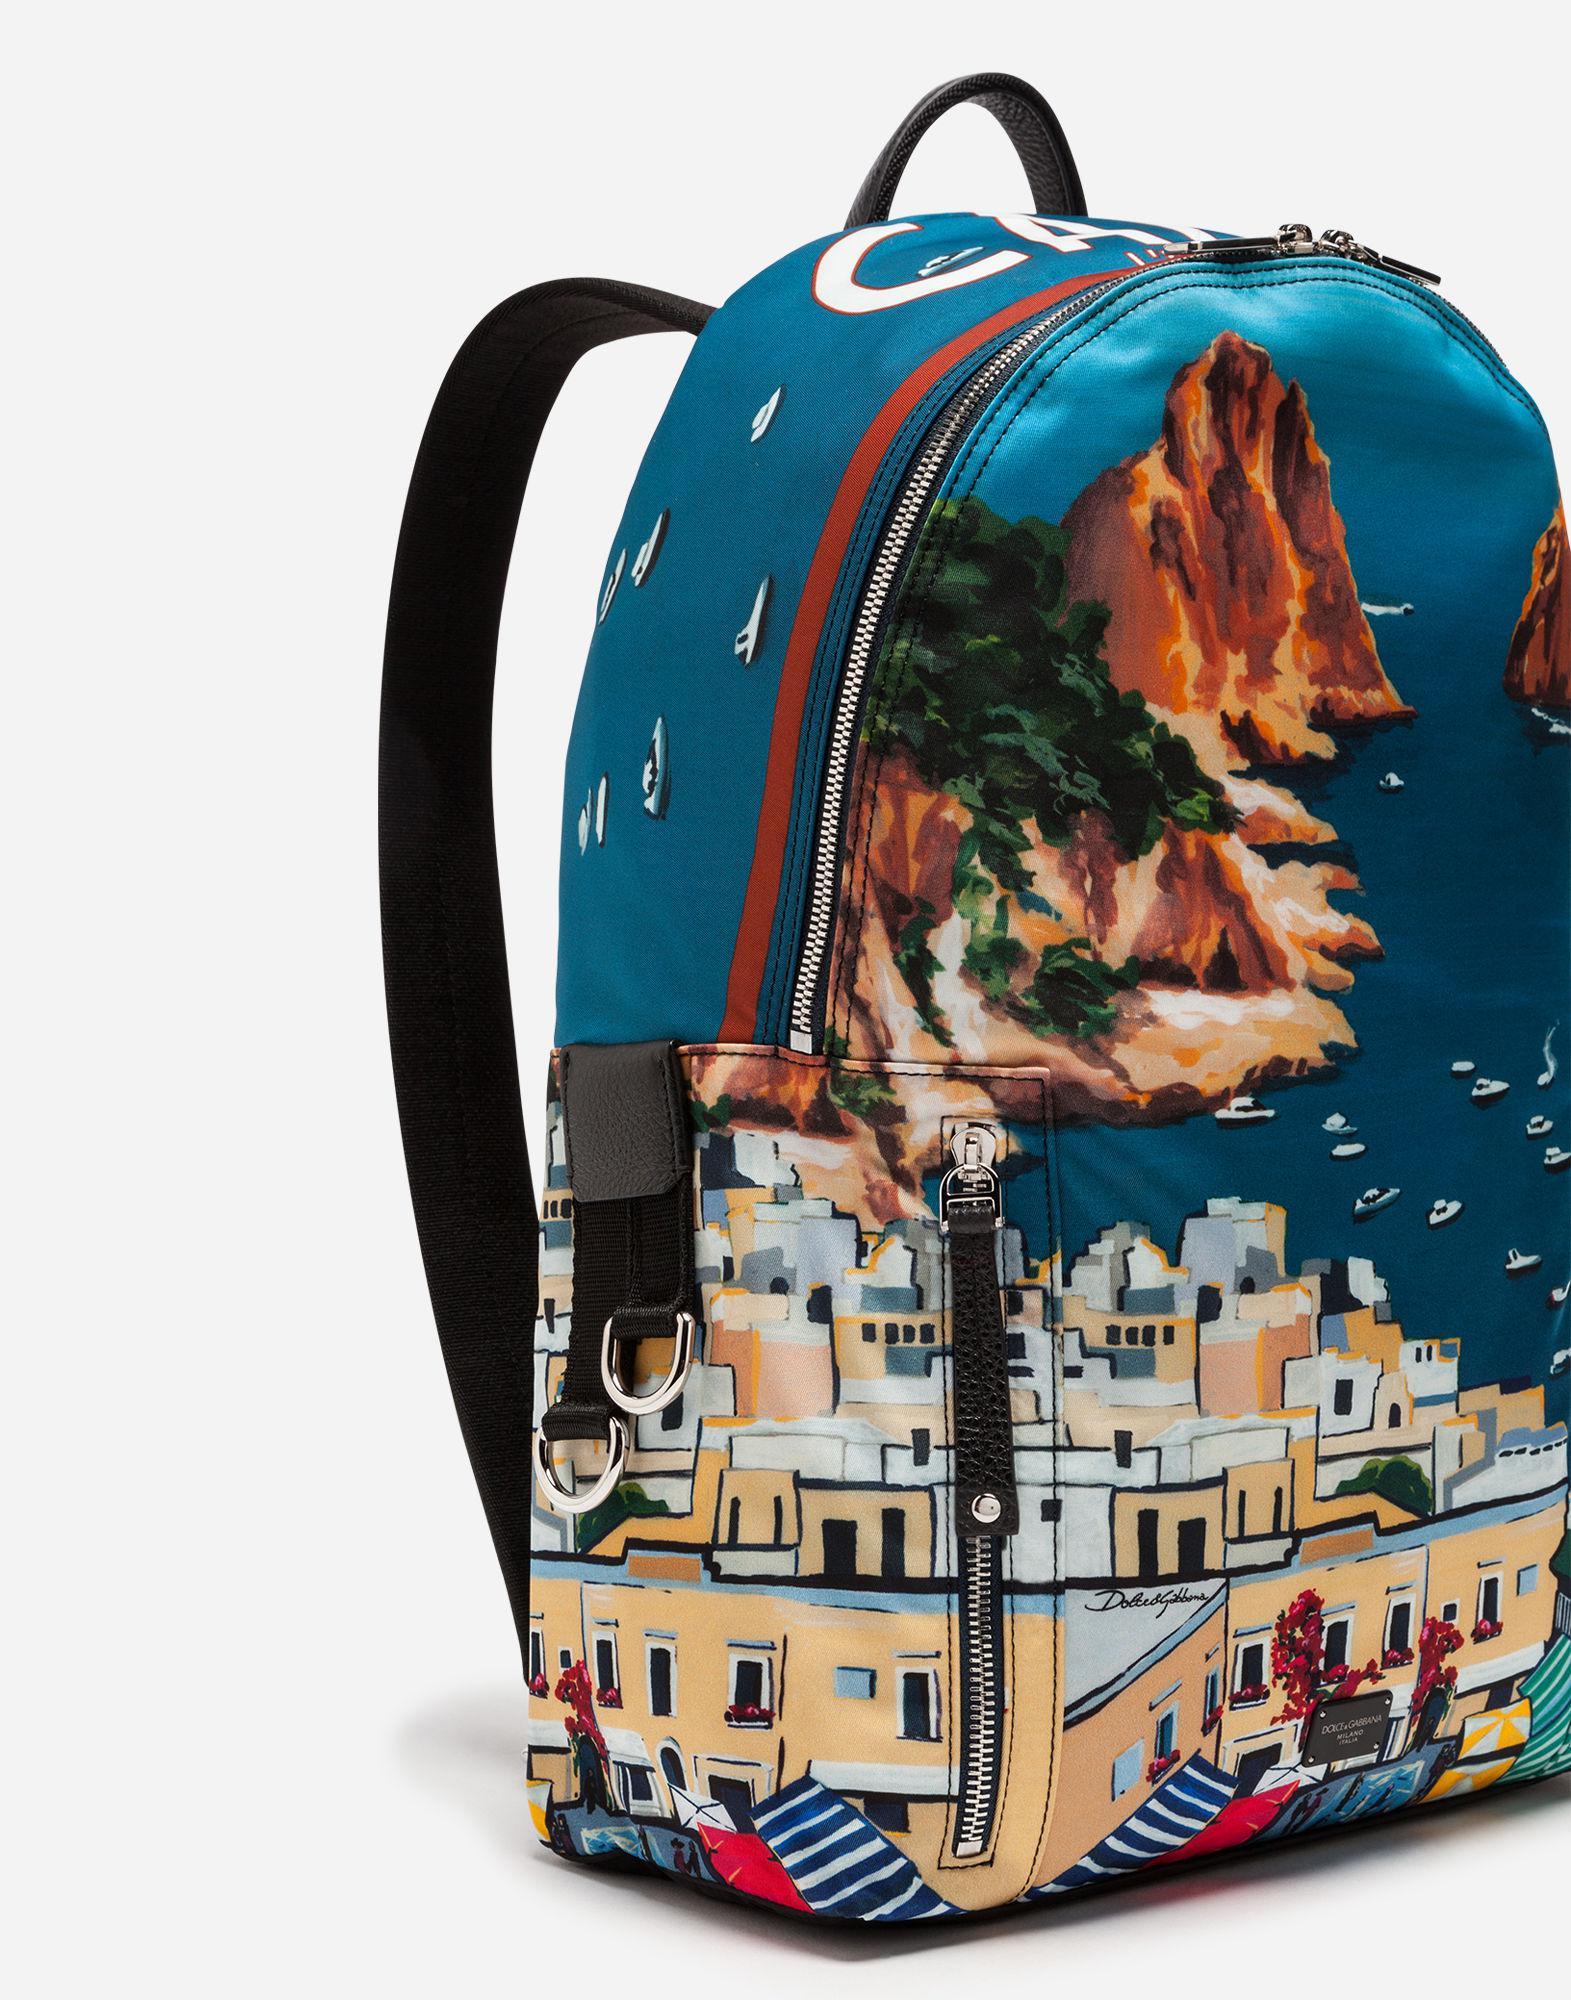 ... best website fe082 746fb Lyst - Dolce Gabbana Printed Nylon Vulcano  Backpack for Men ... 4179b5f80f